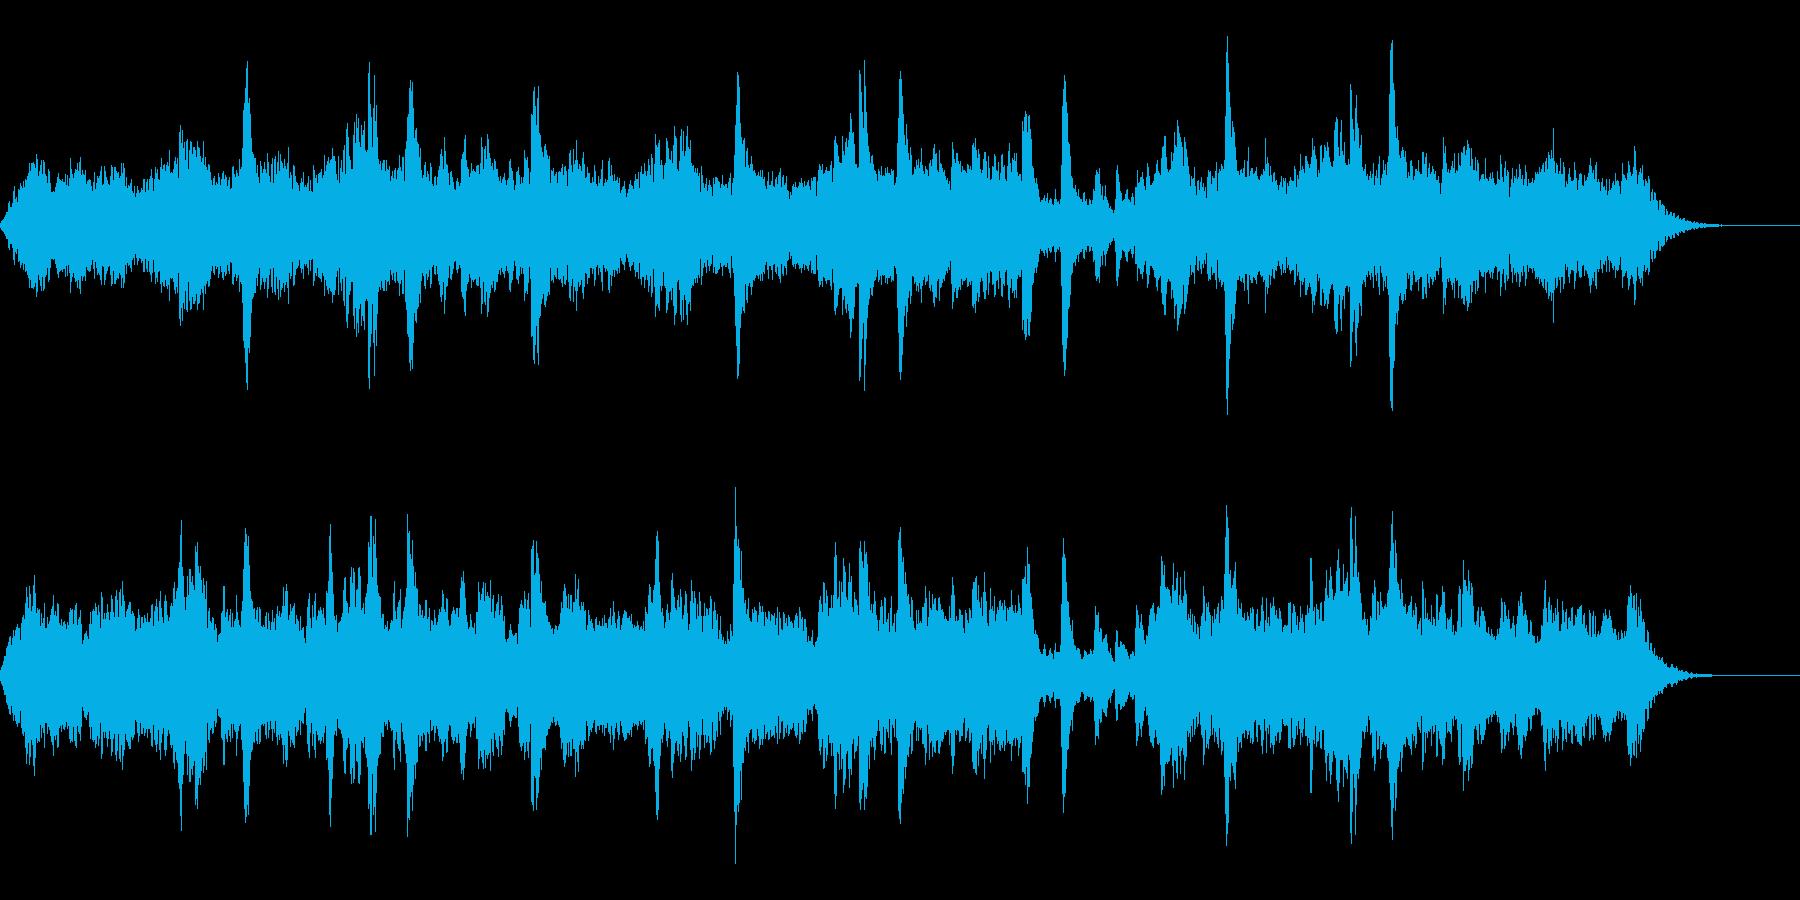 エステ、ヨガ、リラックス、ヒーリングの再生済みの波形